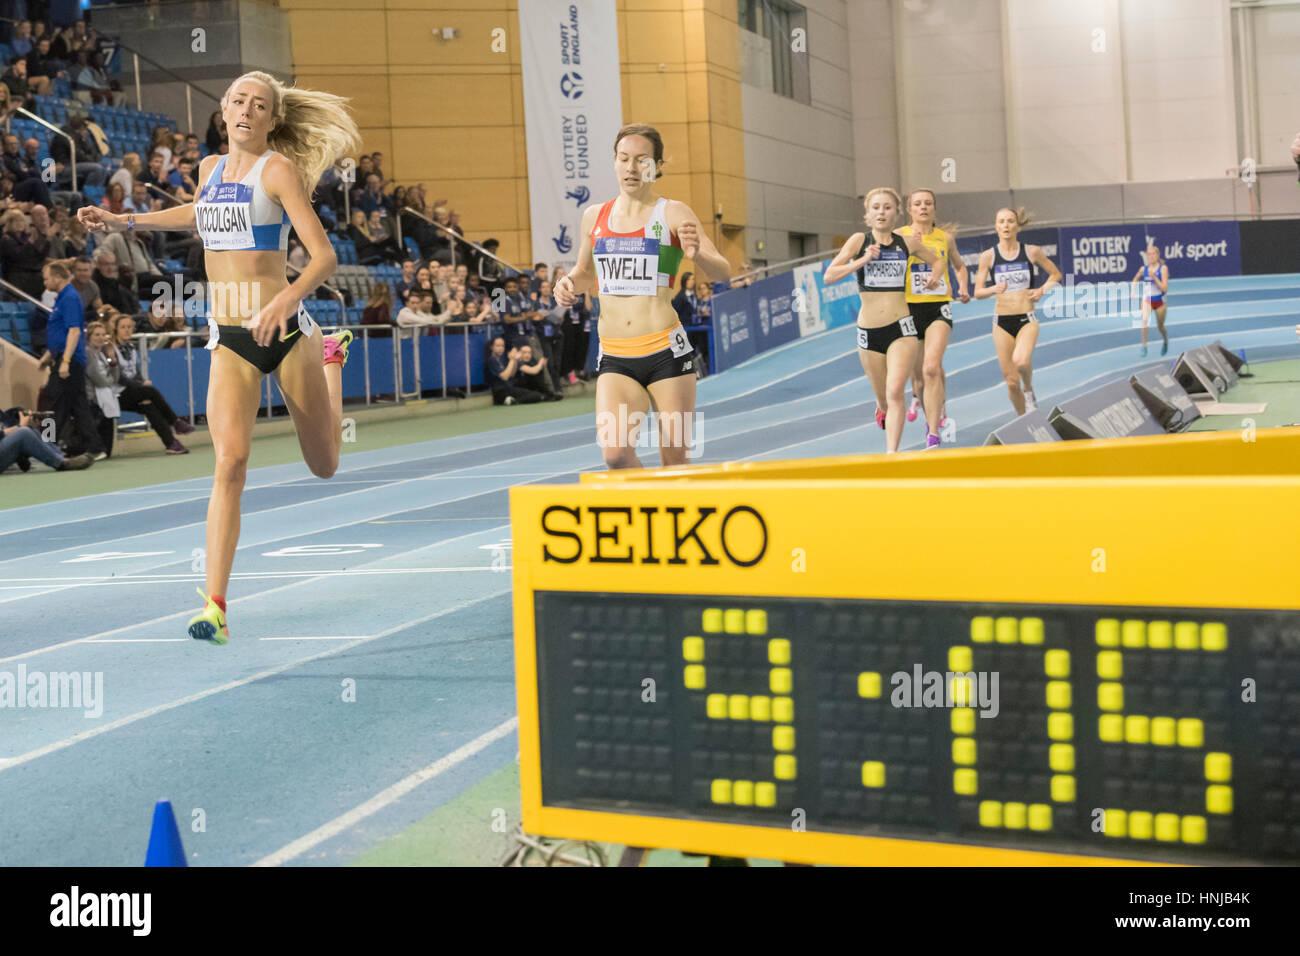 2962d3718 Eilish McColgan mira el reloj como ella gana el atletismo británico Trials  interiores en el Instituto inglés del deporte, Sheffield, Reino Unido,